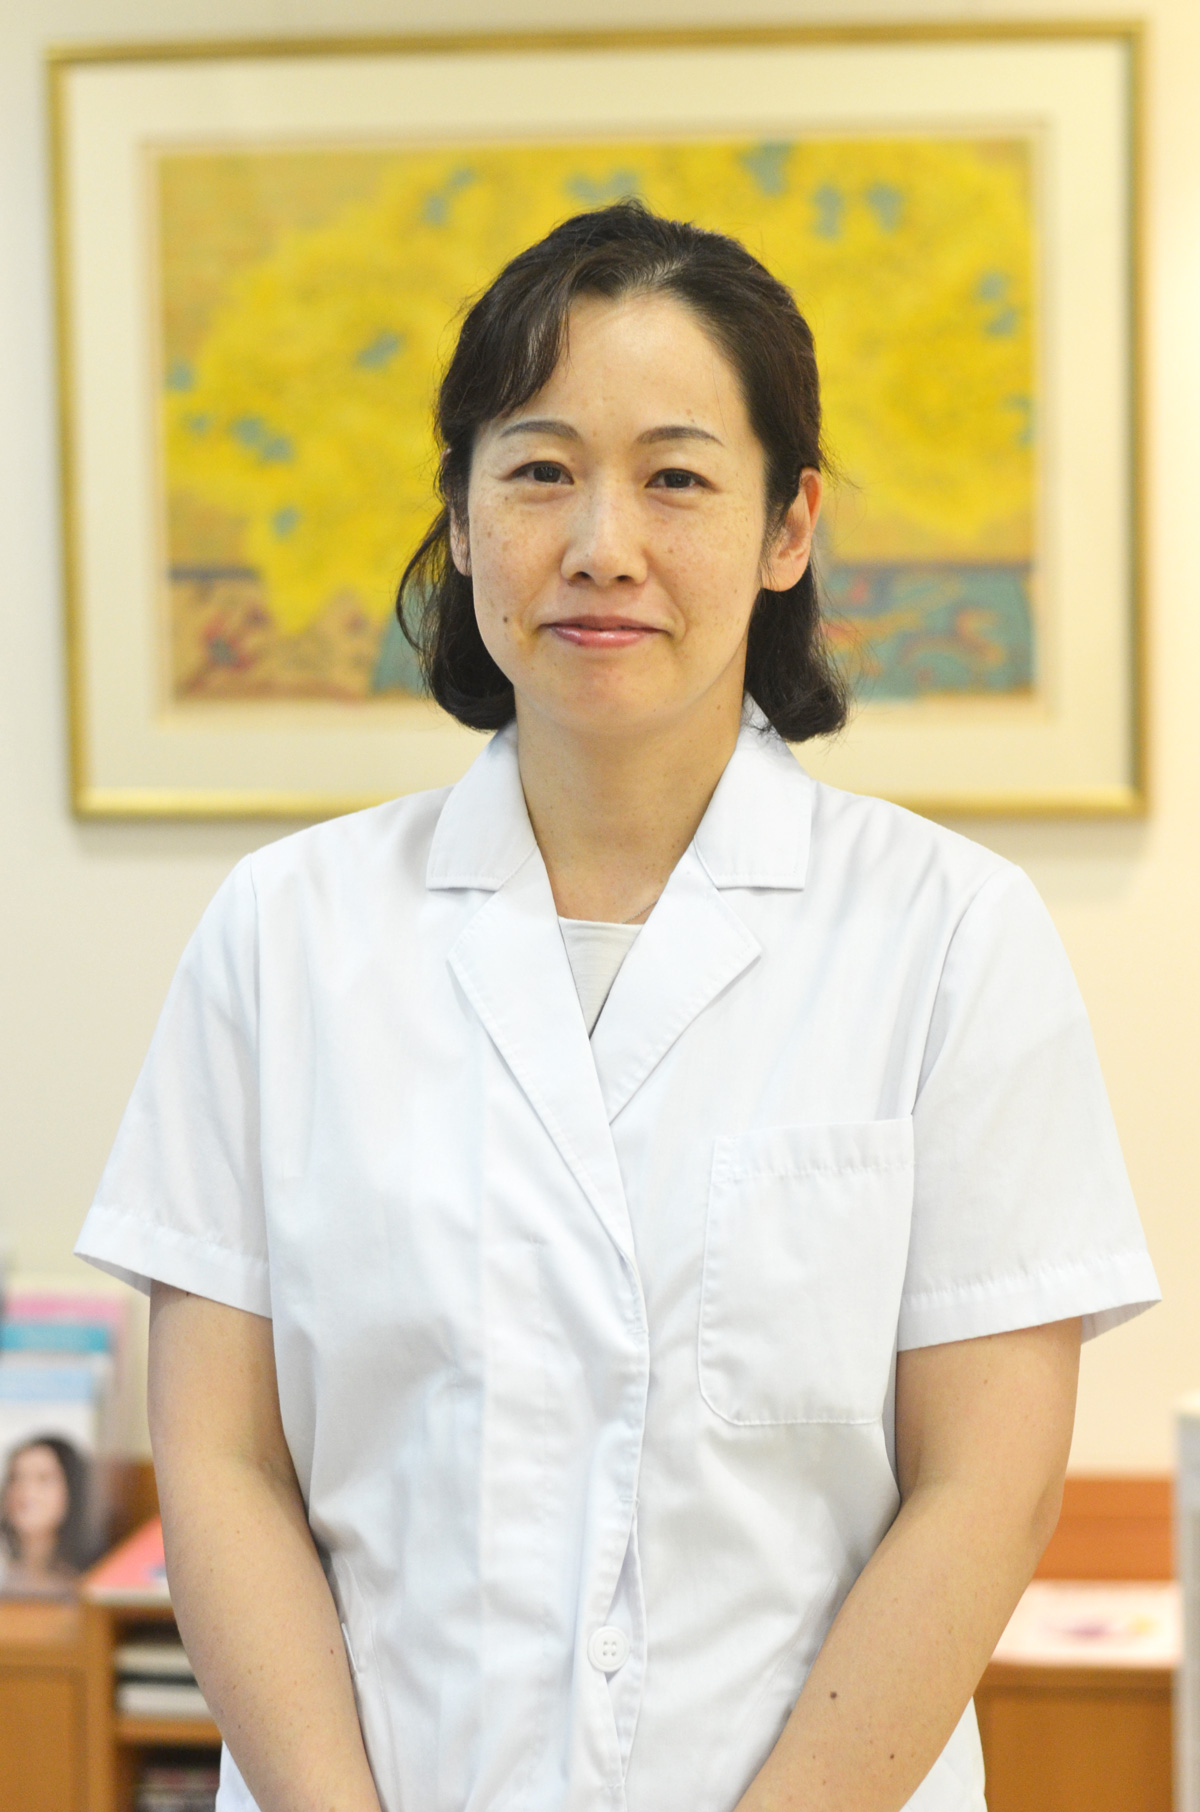 歯科医師 小林 グリーンデンタルクリニック